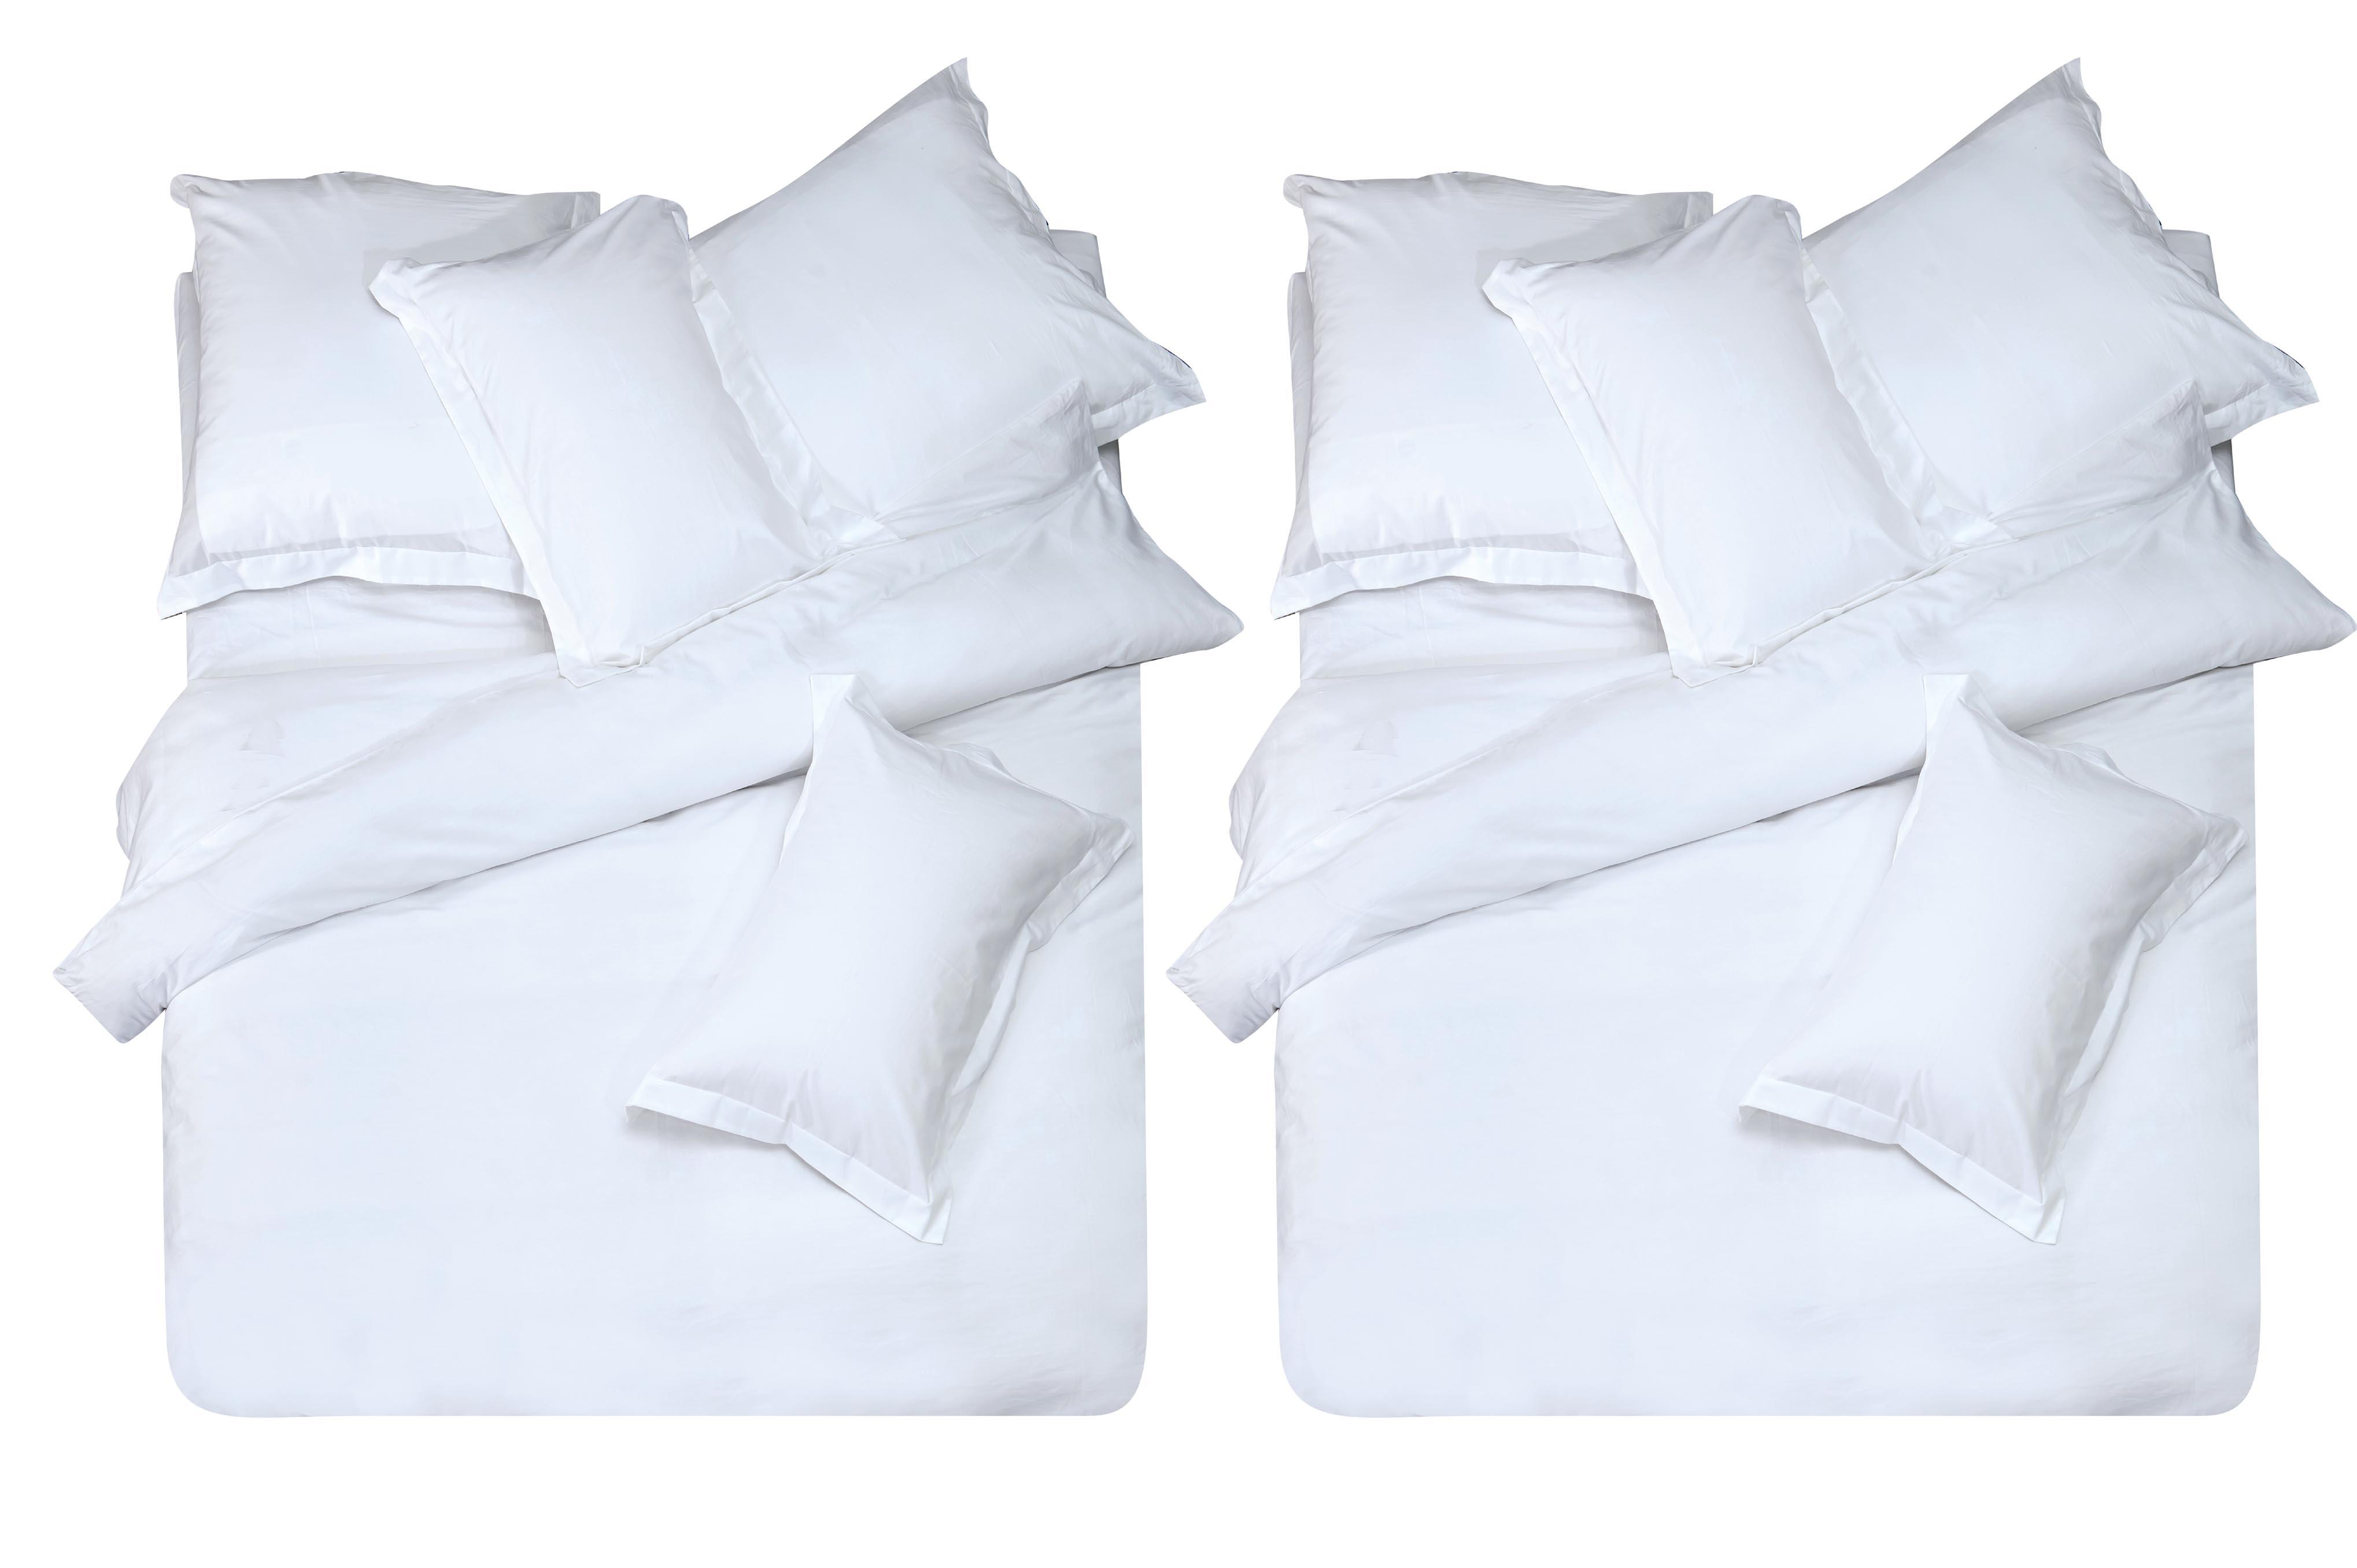 Купить Комплекты постельного белья СайлиД, Постельное белье Alysia L-14(2 спал.), Китай, Белый, Хлопковый сатин